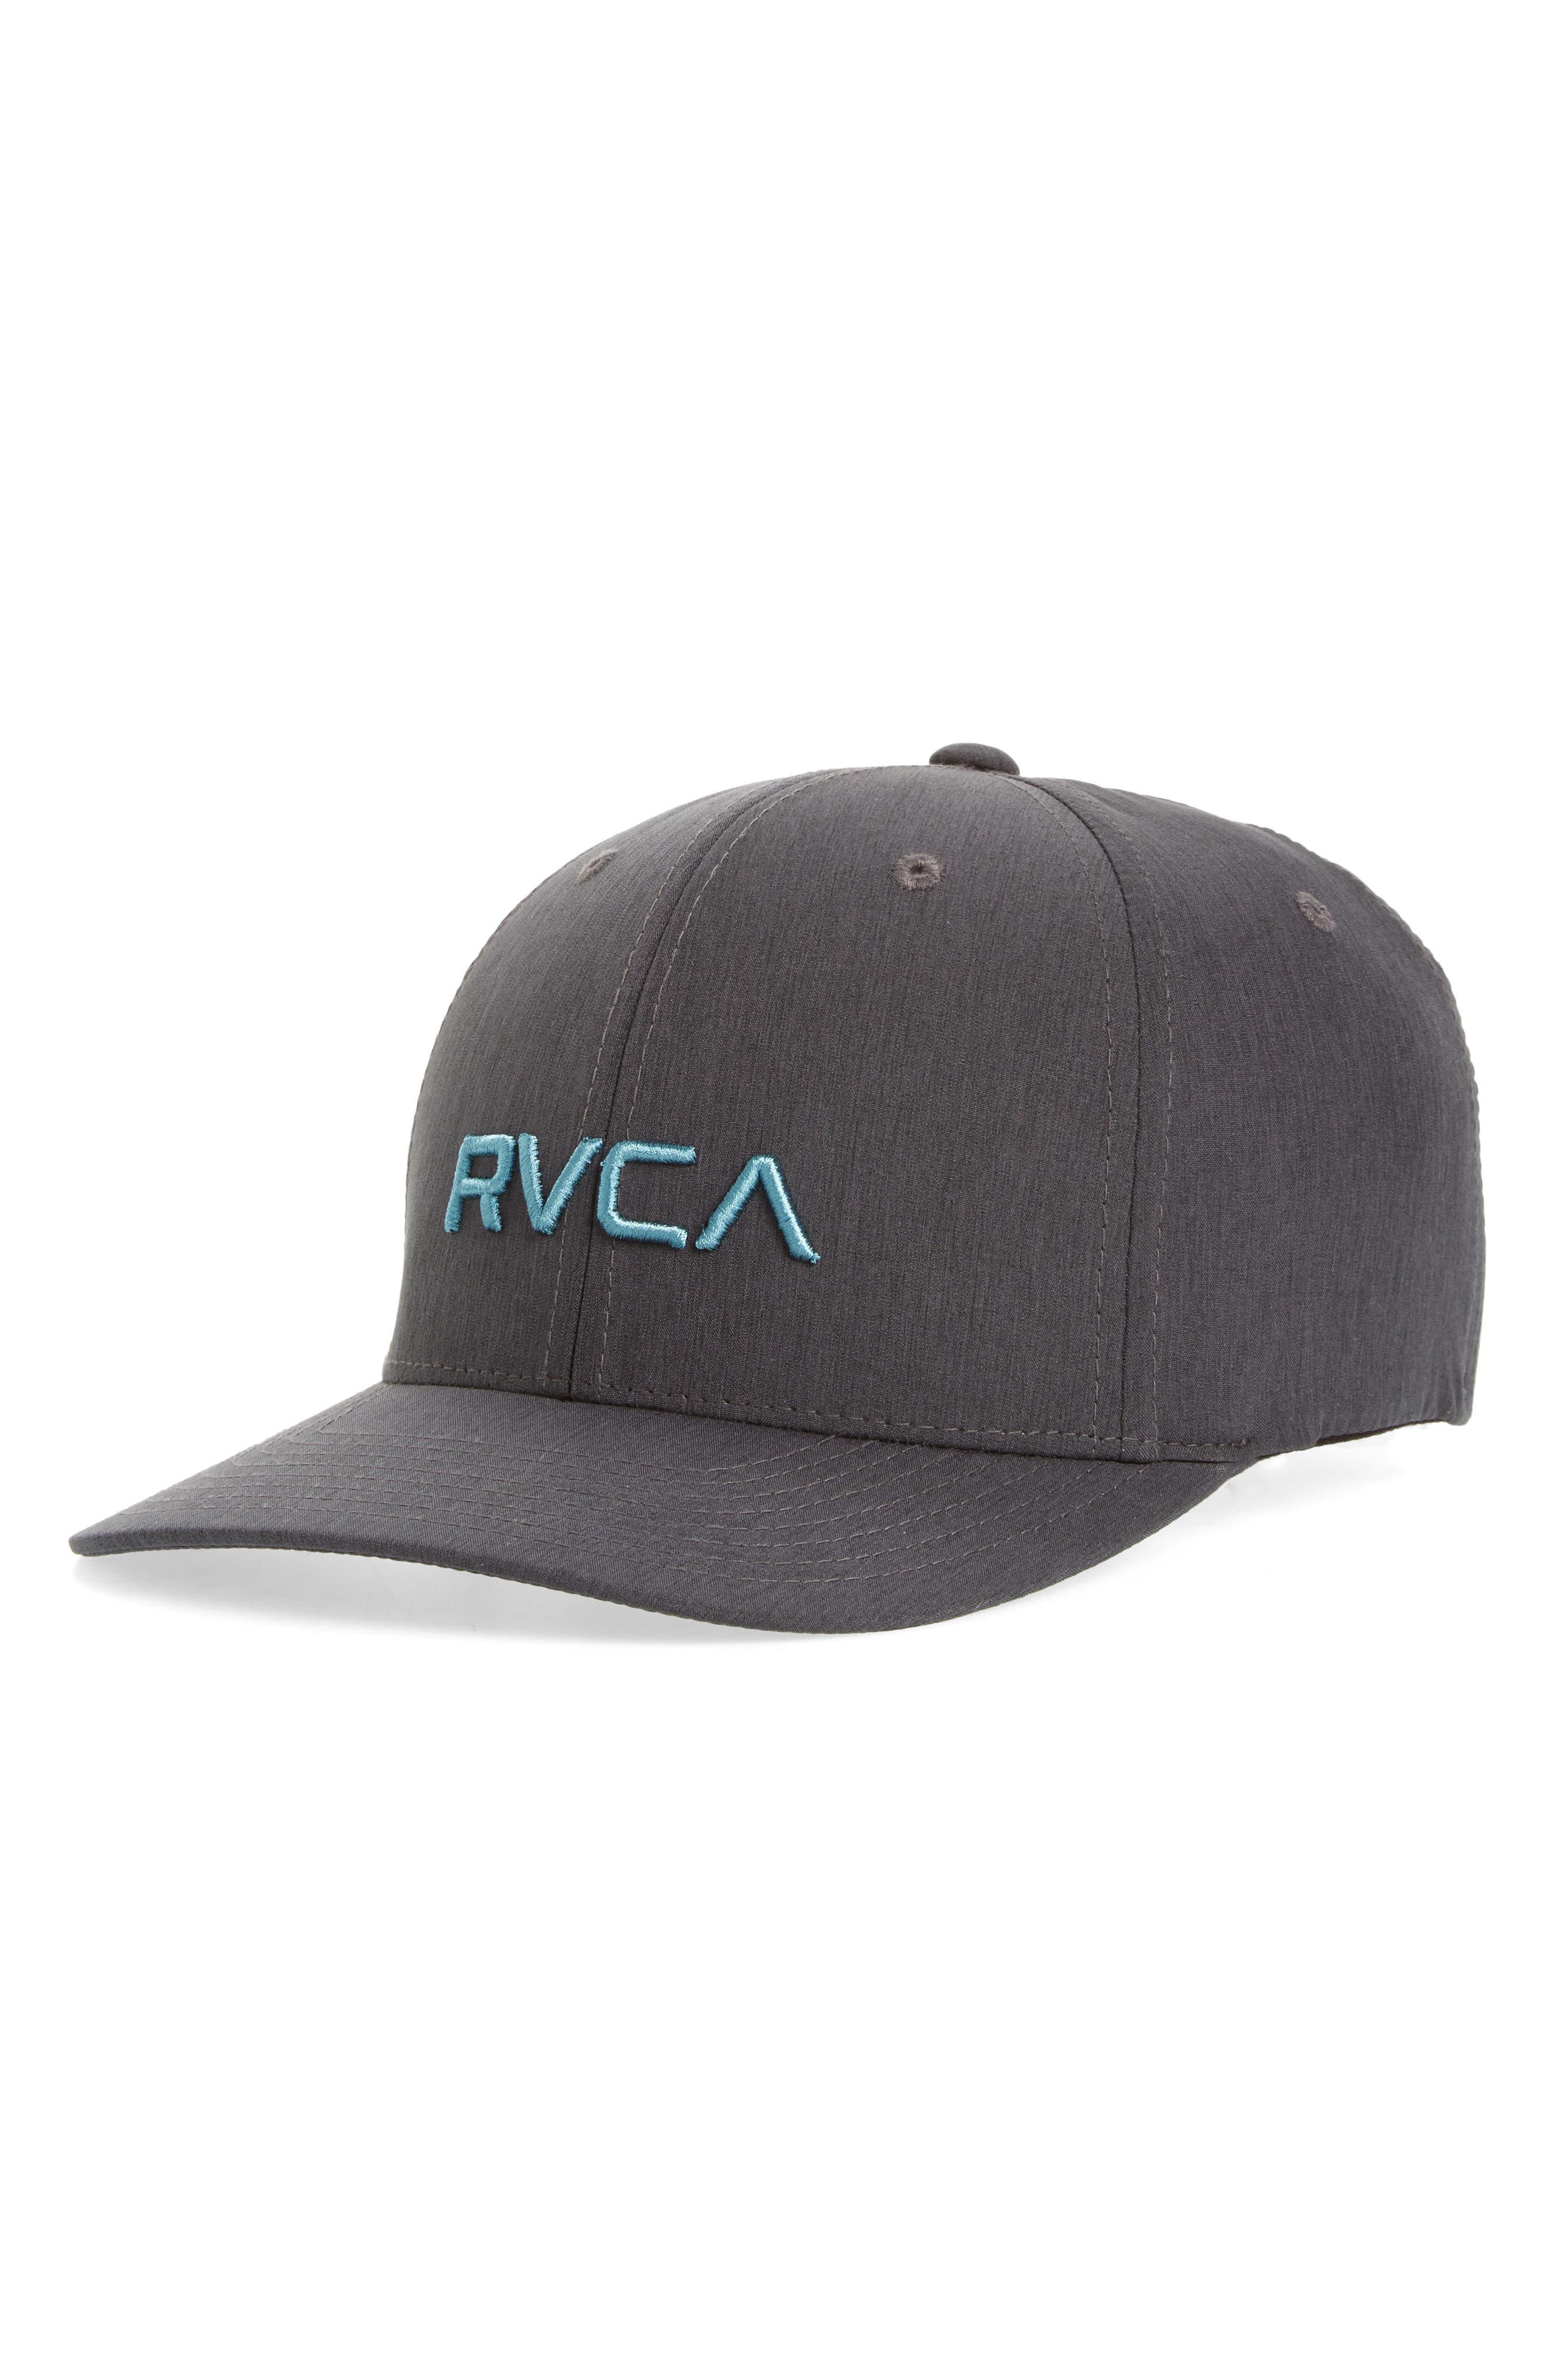 RVCA Flex Fit Baseball Cap, Main, color, CHARCOAL HEATHER